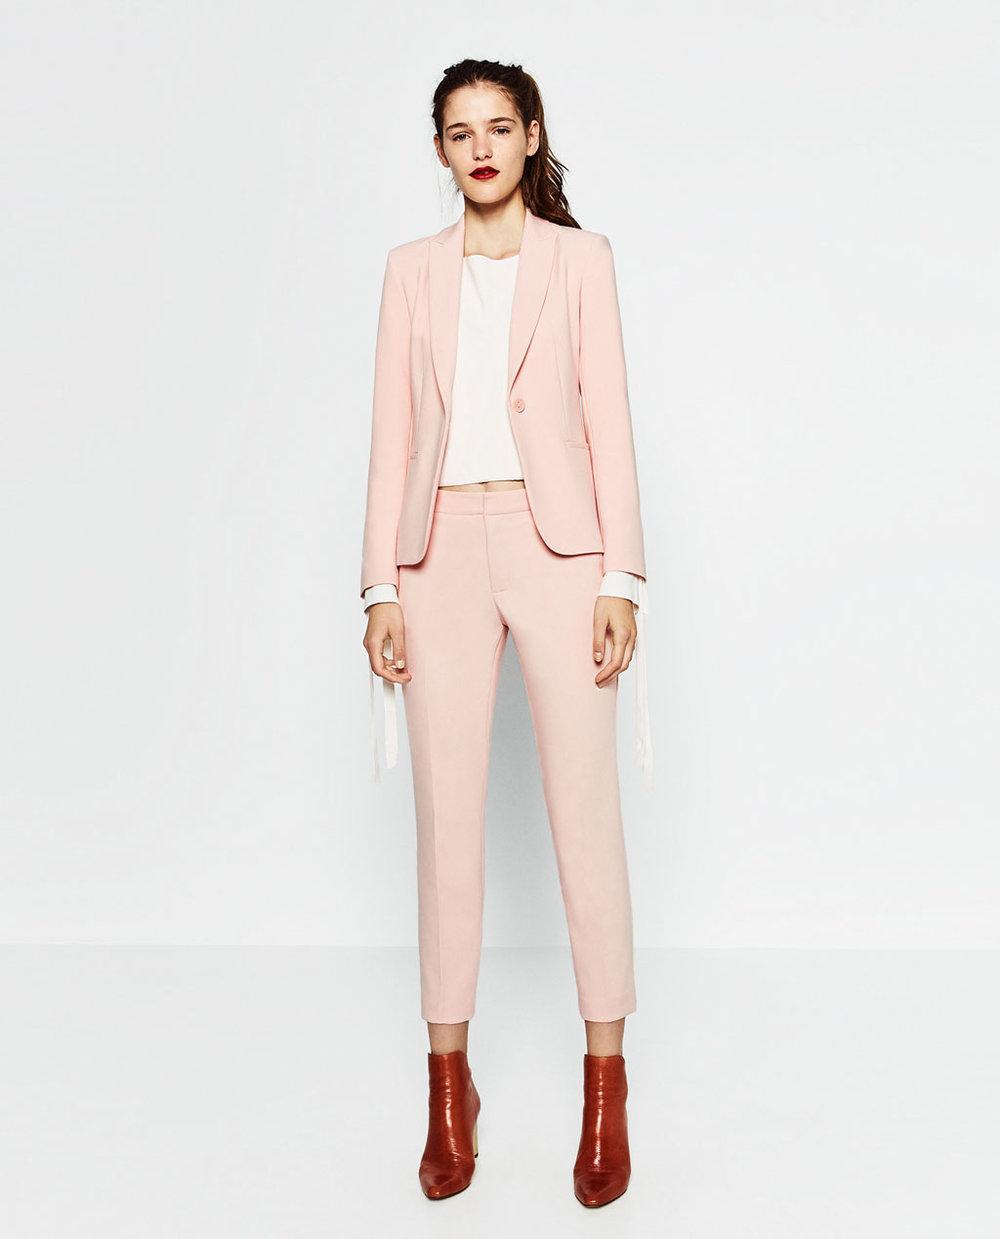 Romantisk dress kan kjøpes på H&M